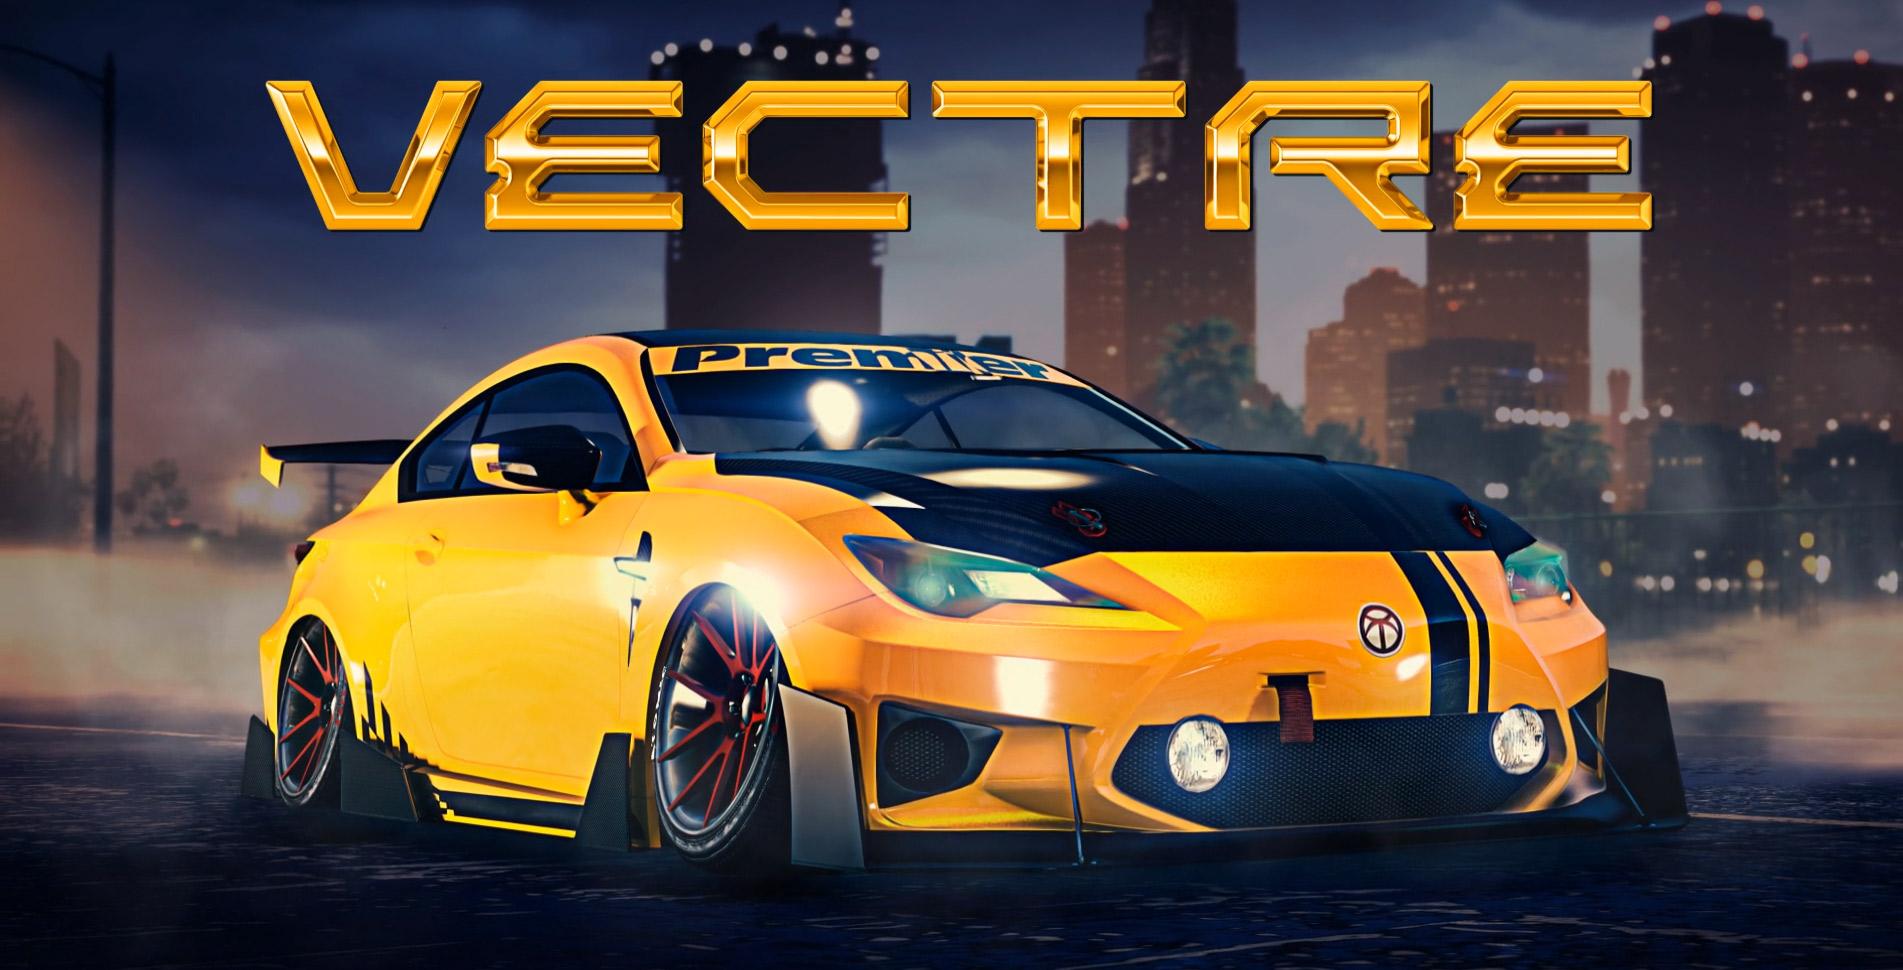 GTA Online Los Santos Tuners Emperor Vectre